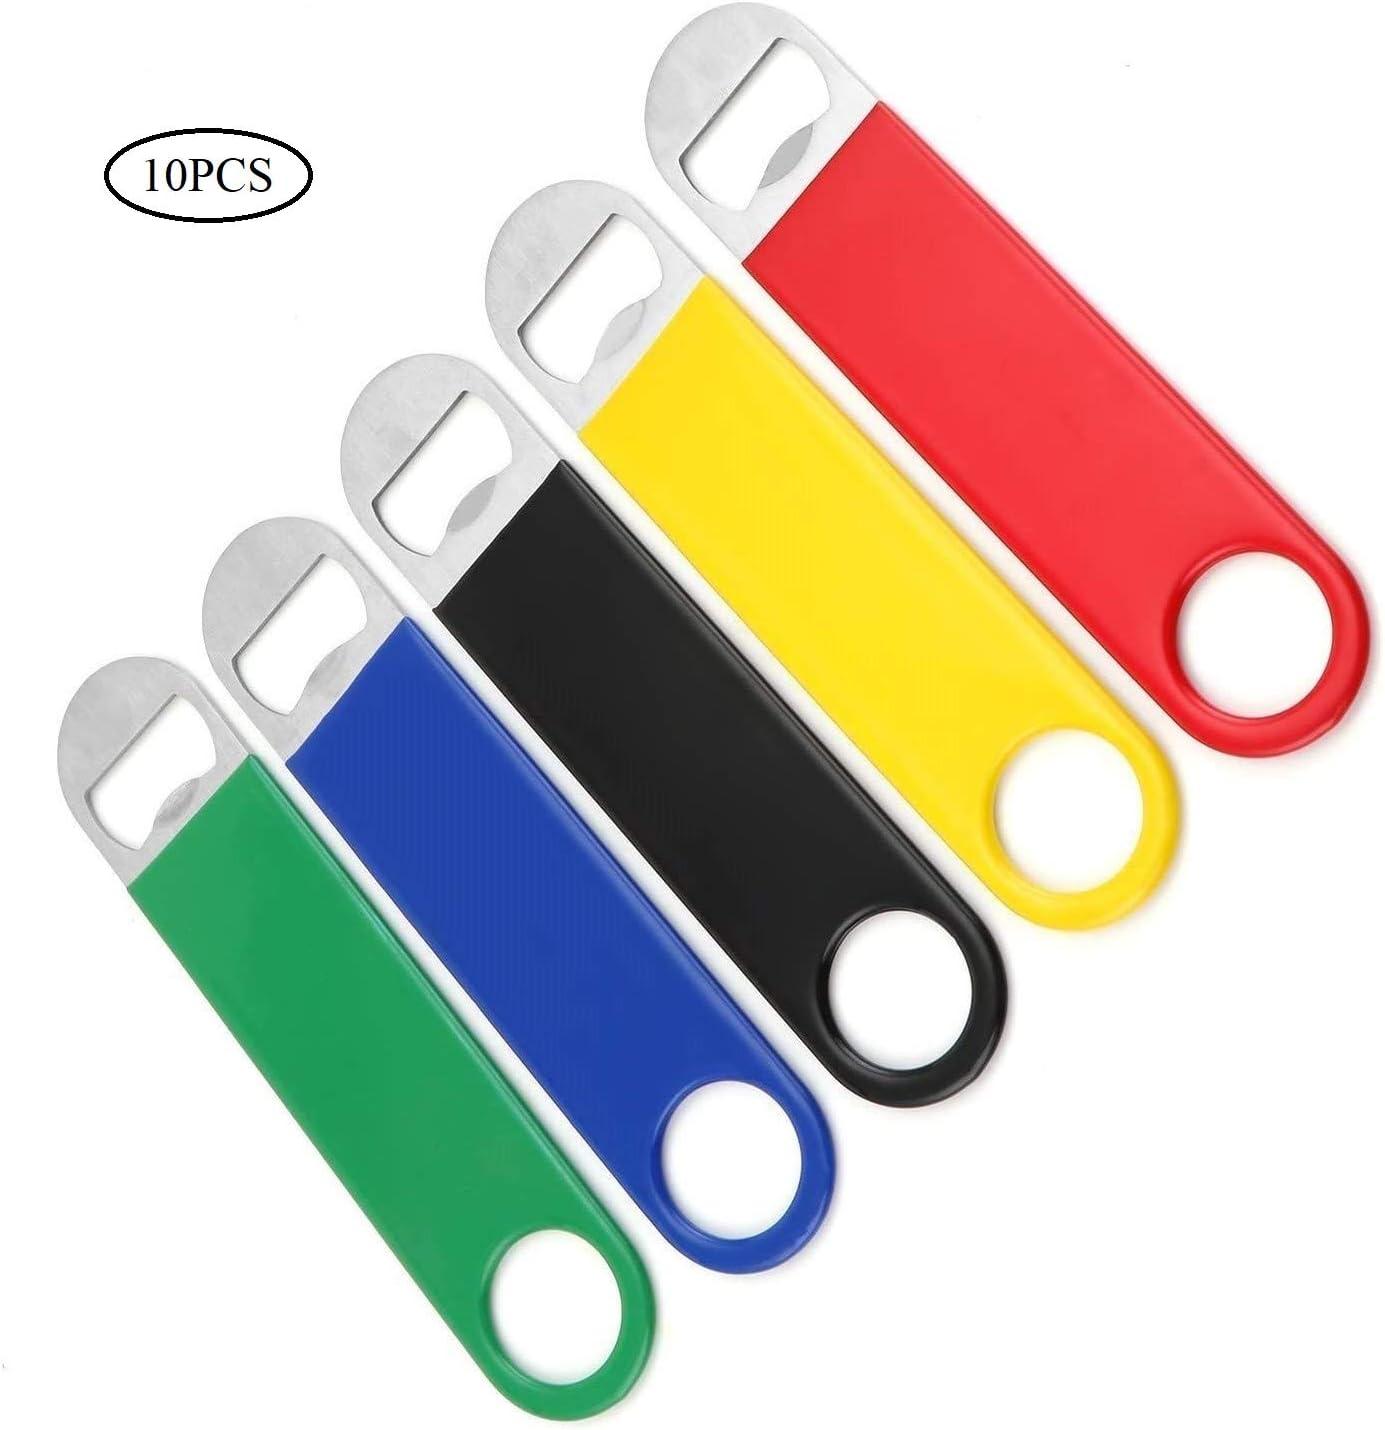 Coolty 10pcs Abrebotellas, Heavy Duty Abridor de Botellas de Cerveza de Acero Inoxidable para Familia Cocina KTV Bar (Rojo+Amarillo+Negro+Azul+Verde)